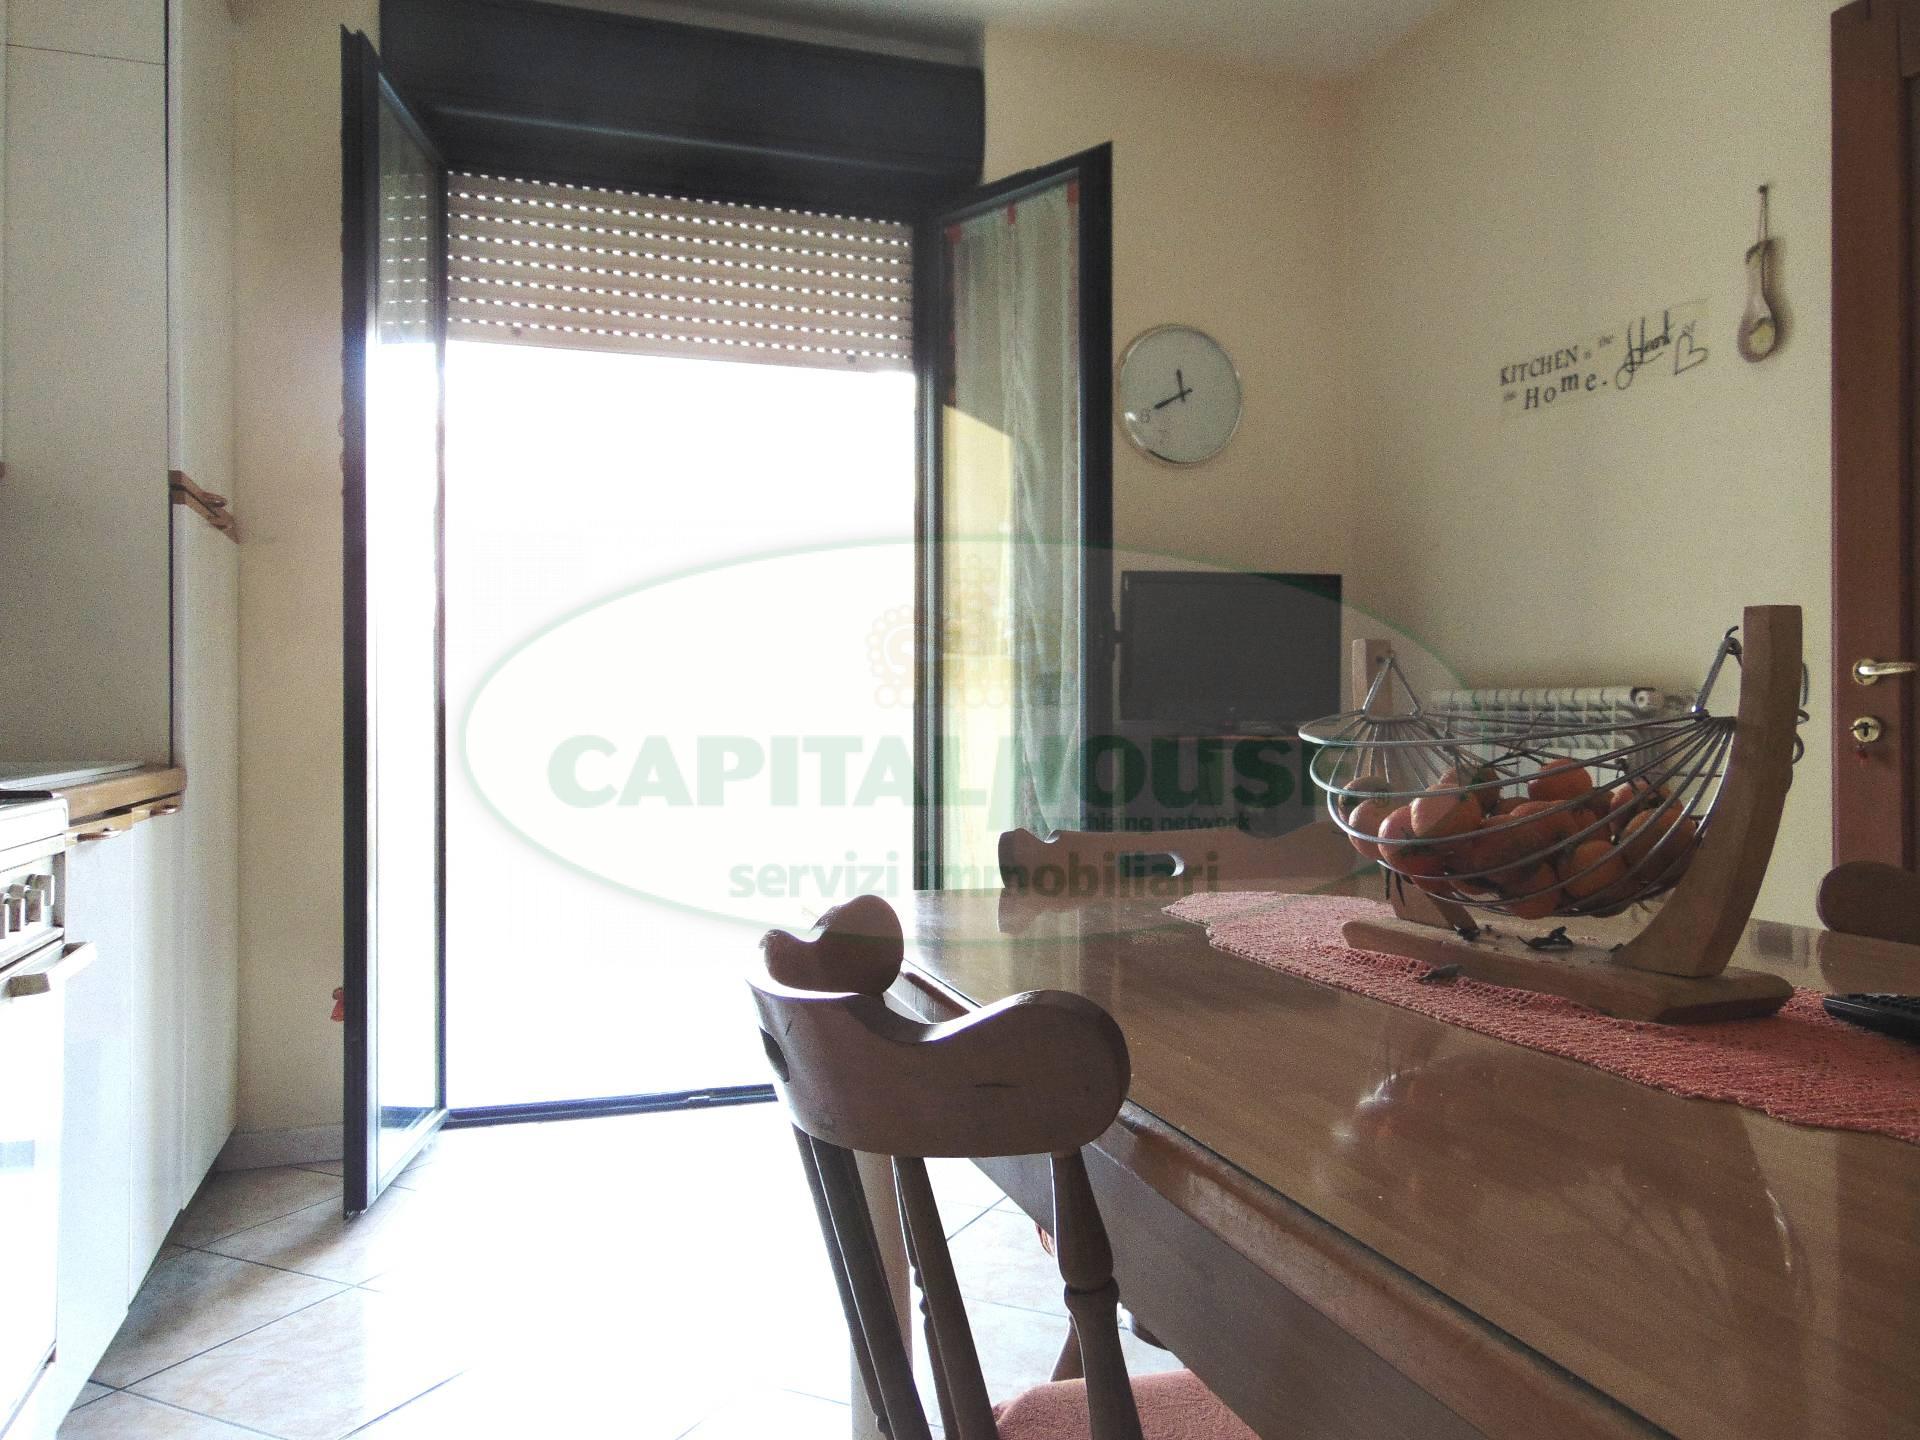 Appartamento in vendita a San Prisco, 4 locali, zona Località: ZonaPiscina, prezzo € 157.000   CambioCasa.it